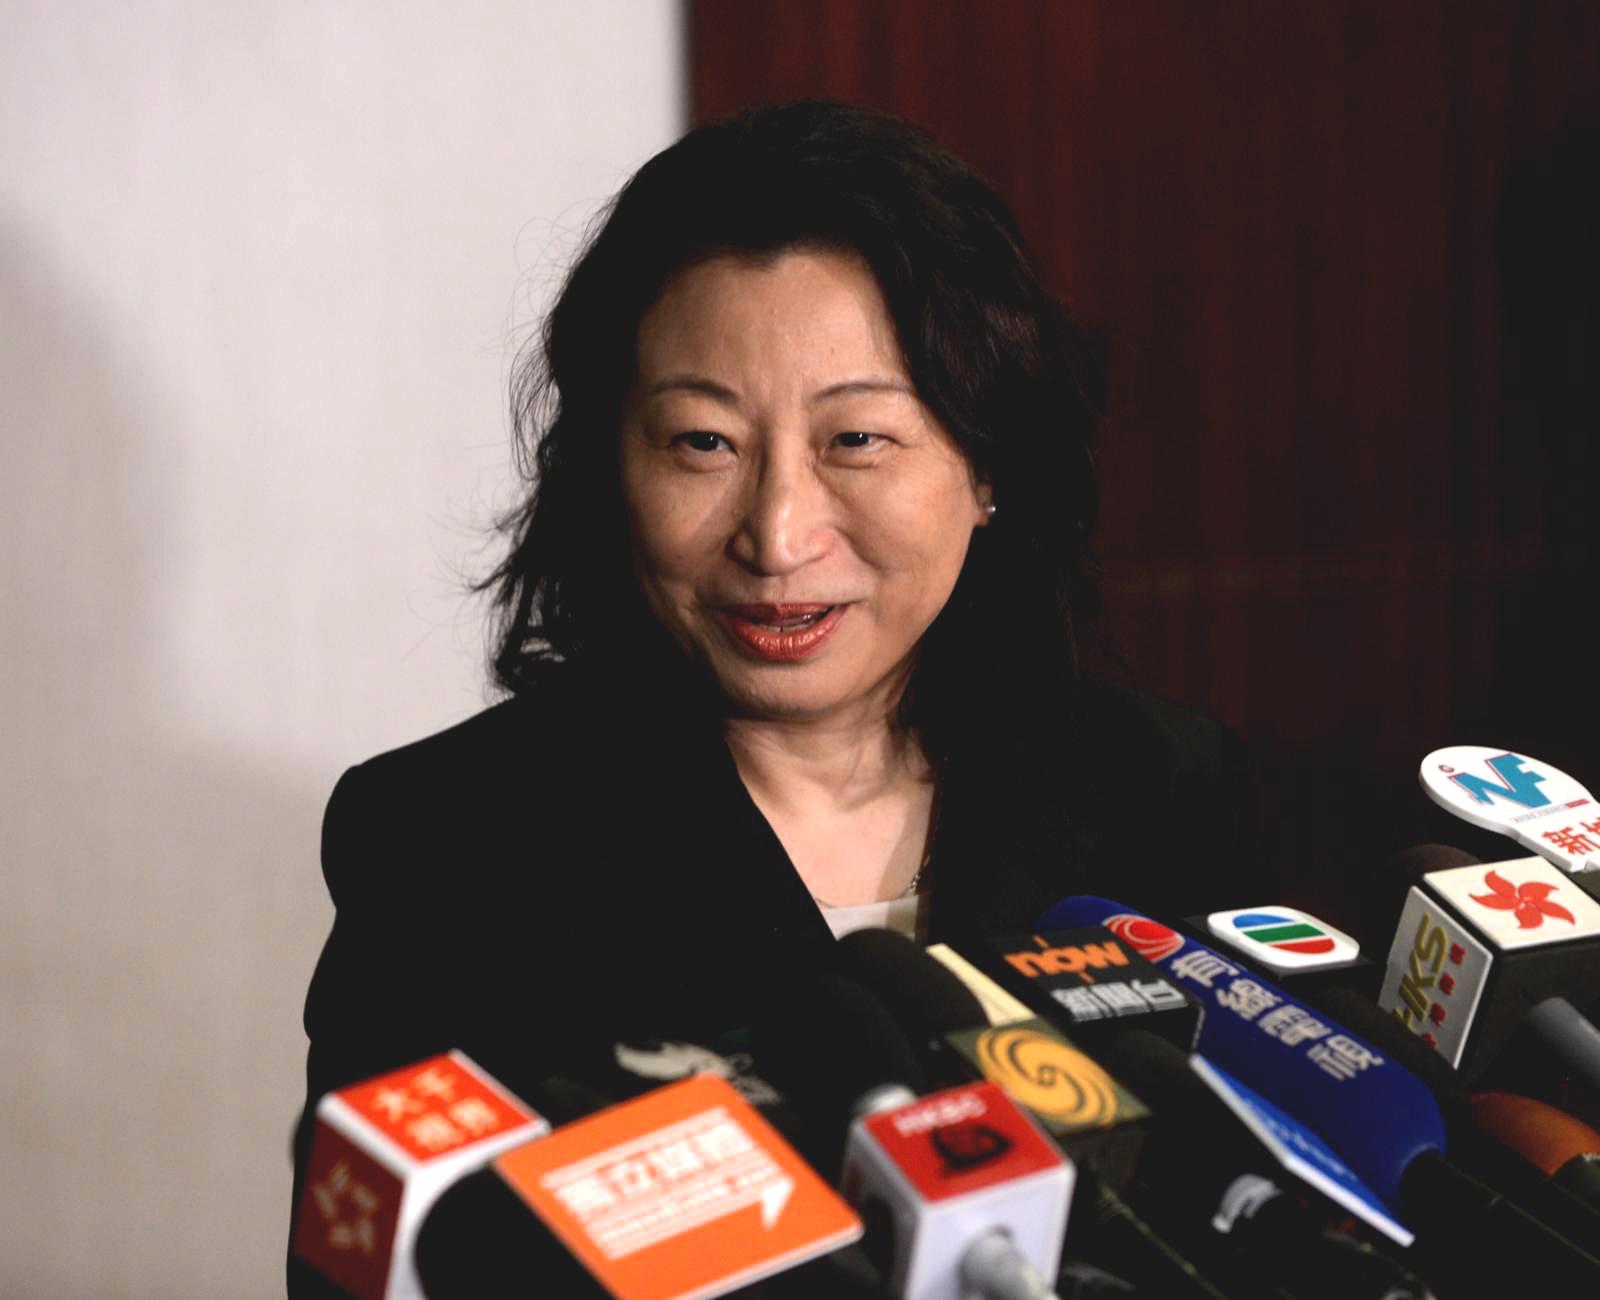 鄭若驊呼籲社會不應斟酌字眼。